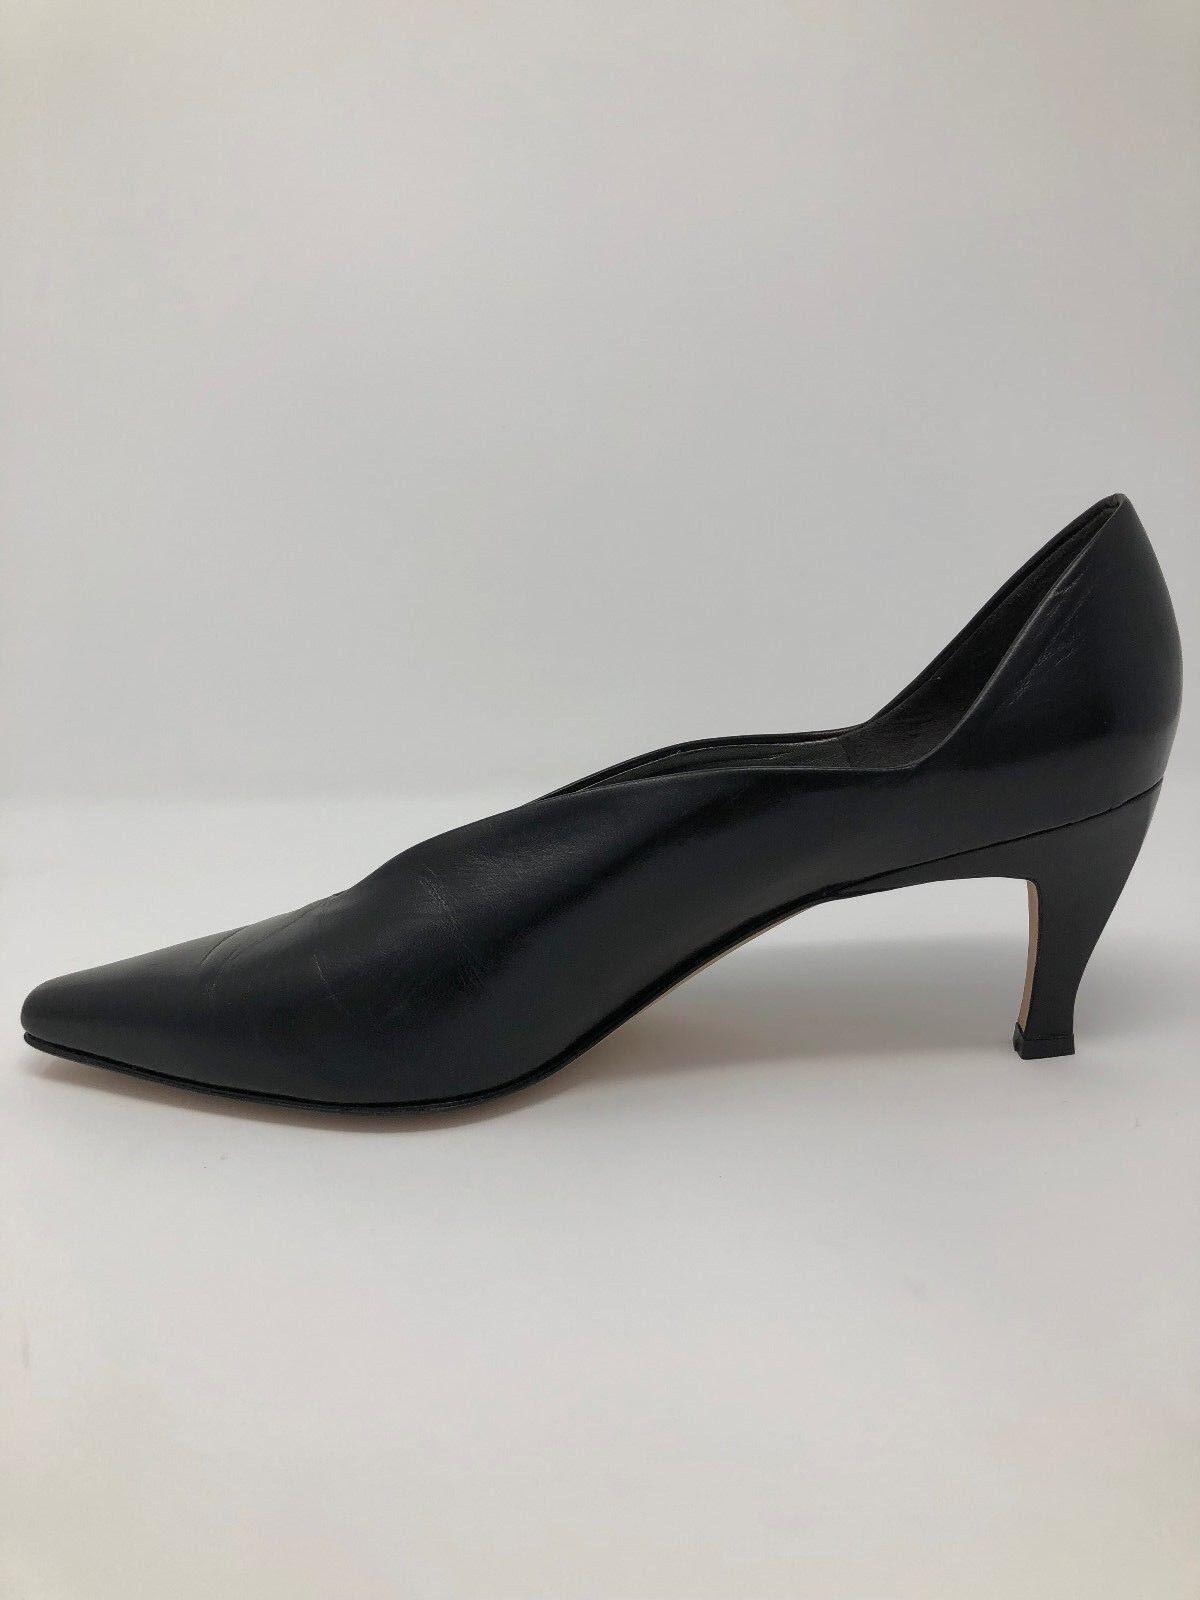 Via Spiga Zapatos De 10 Mujer Talla 10 De M Negro Cuero Puntera en Punta Bombas Tacones 007349